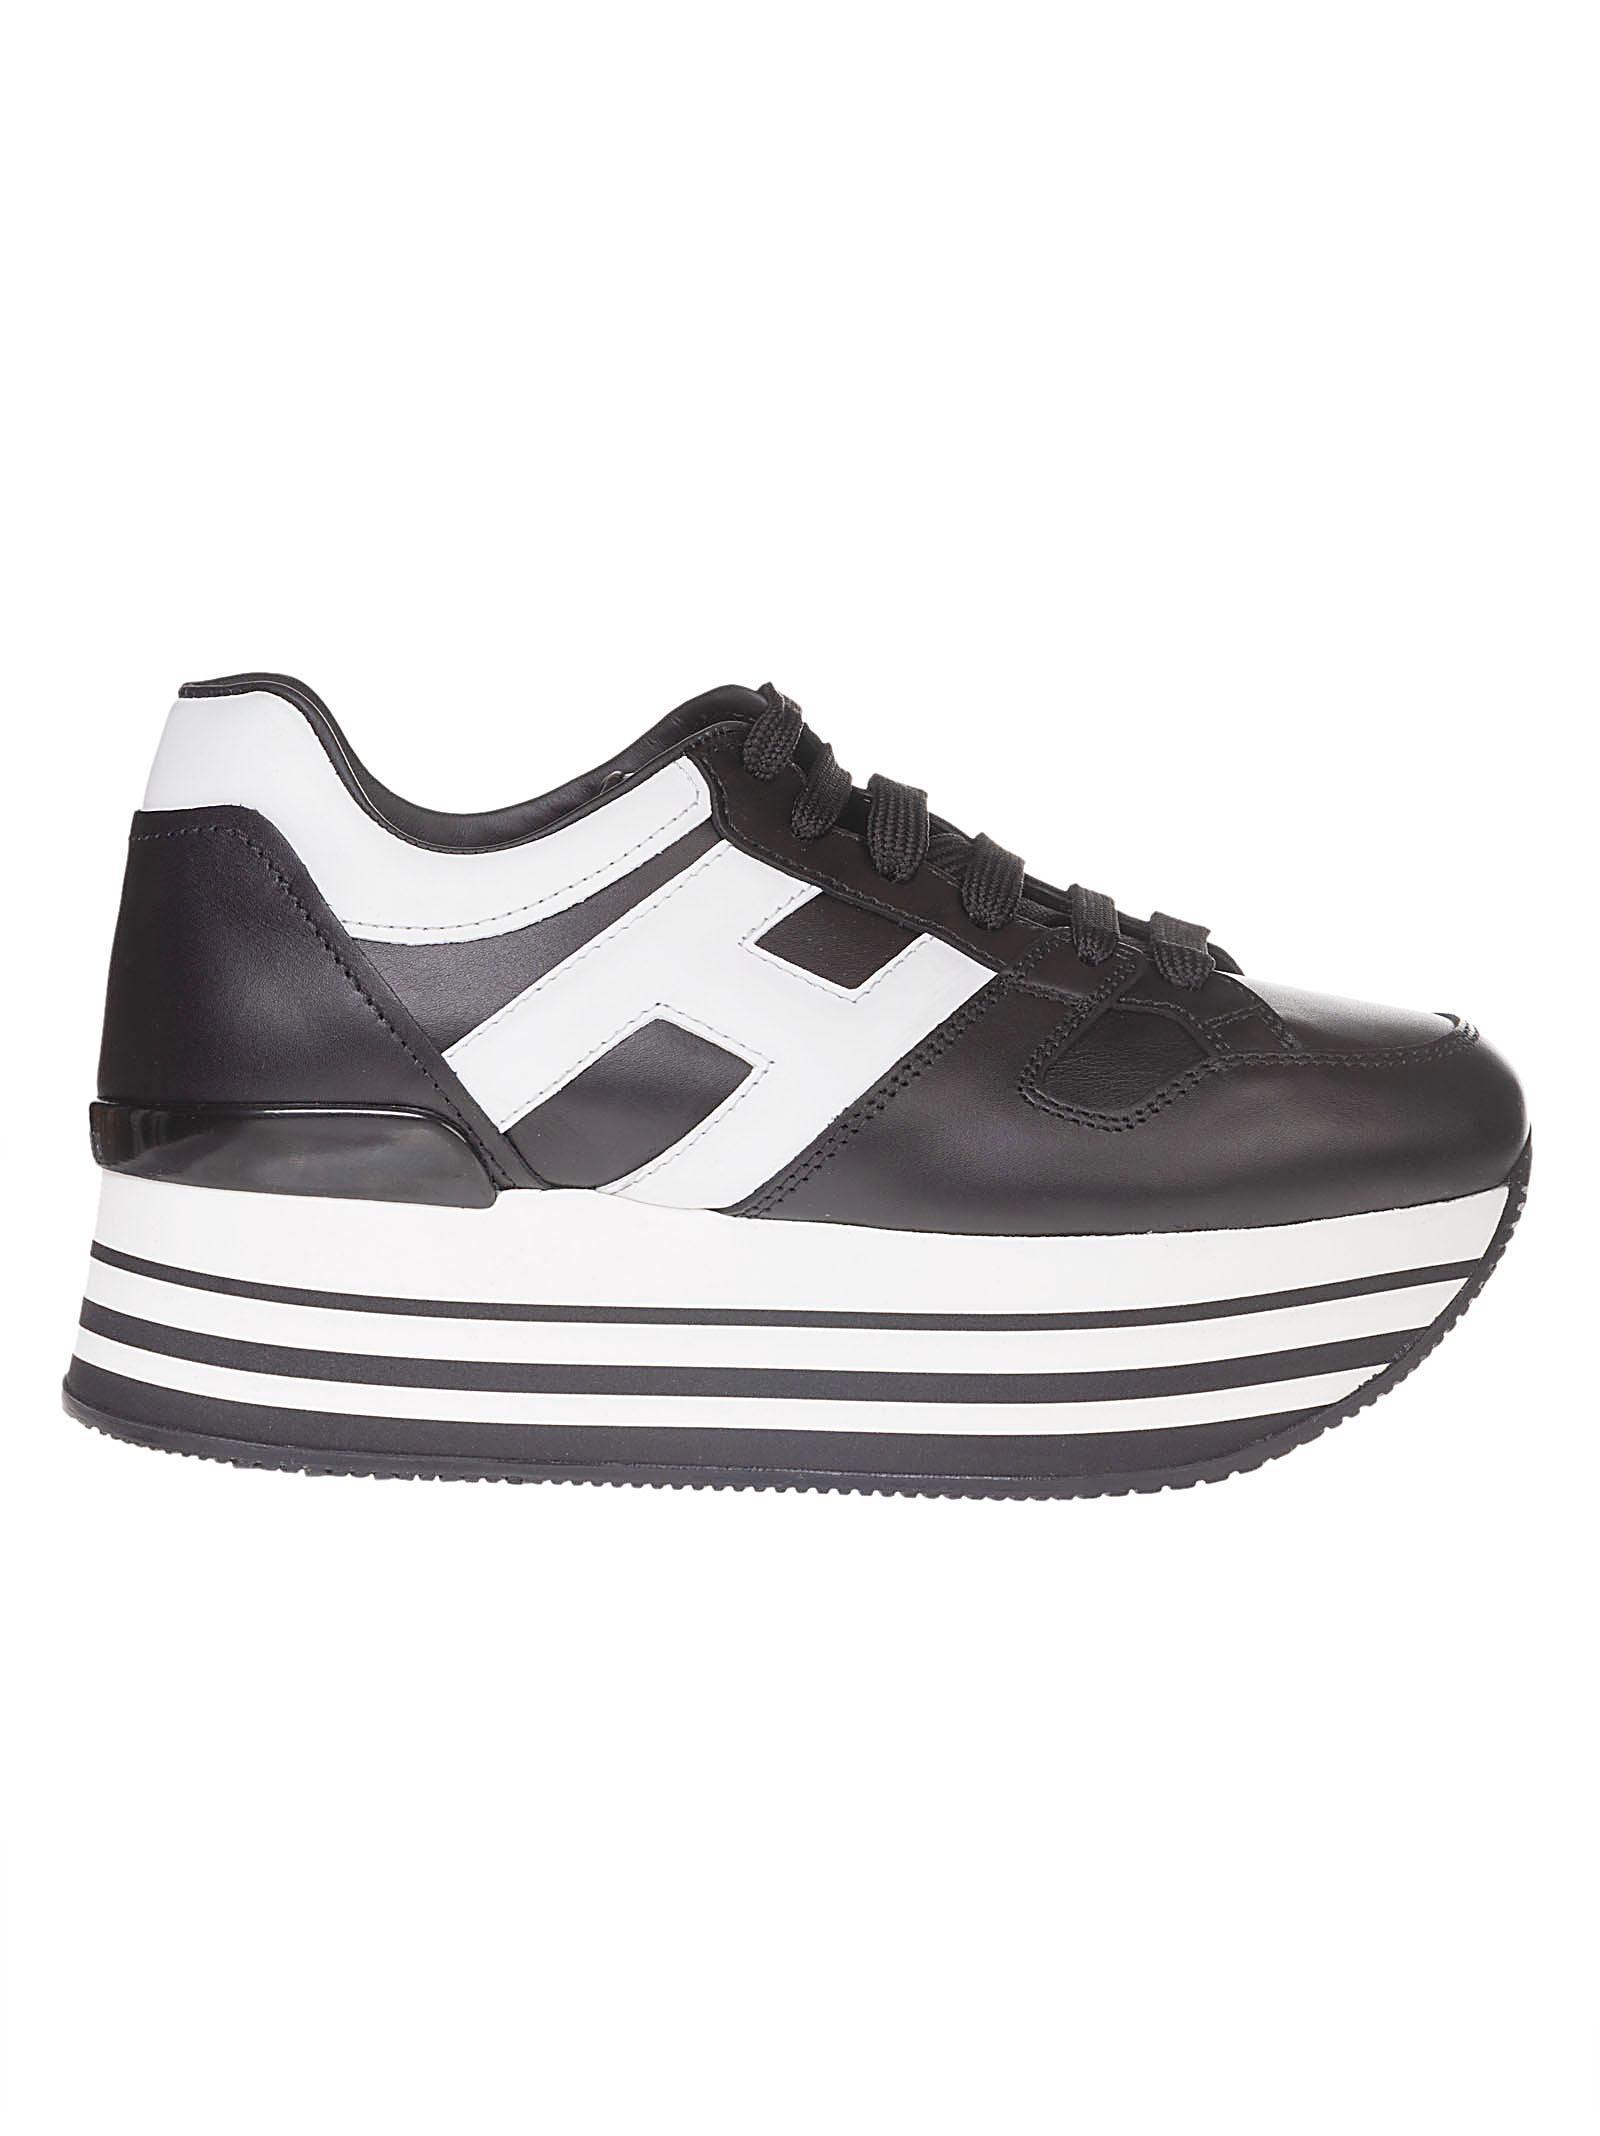 ab2a9014d821 Hogan. Women s Shoes